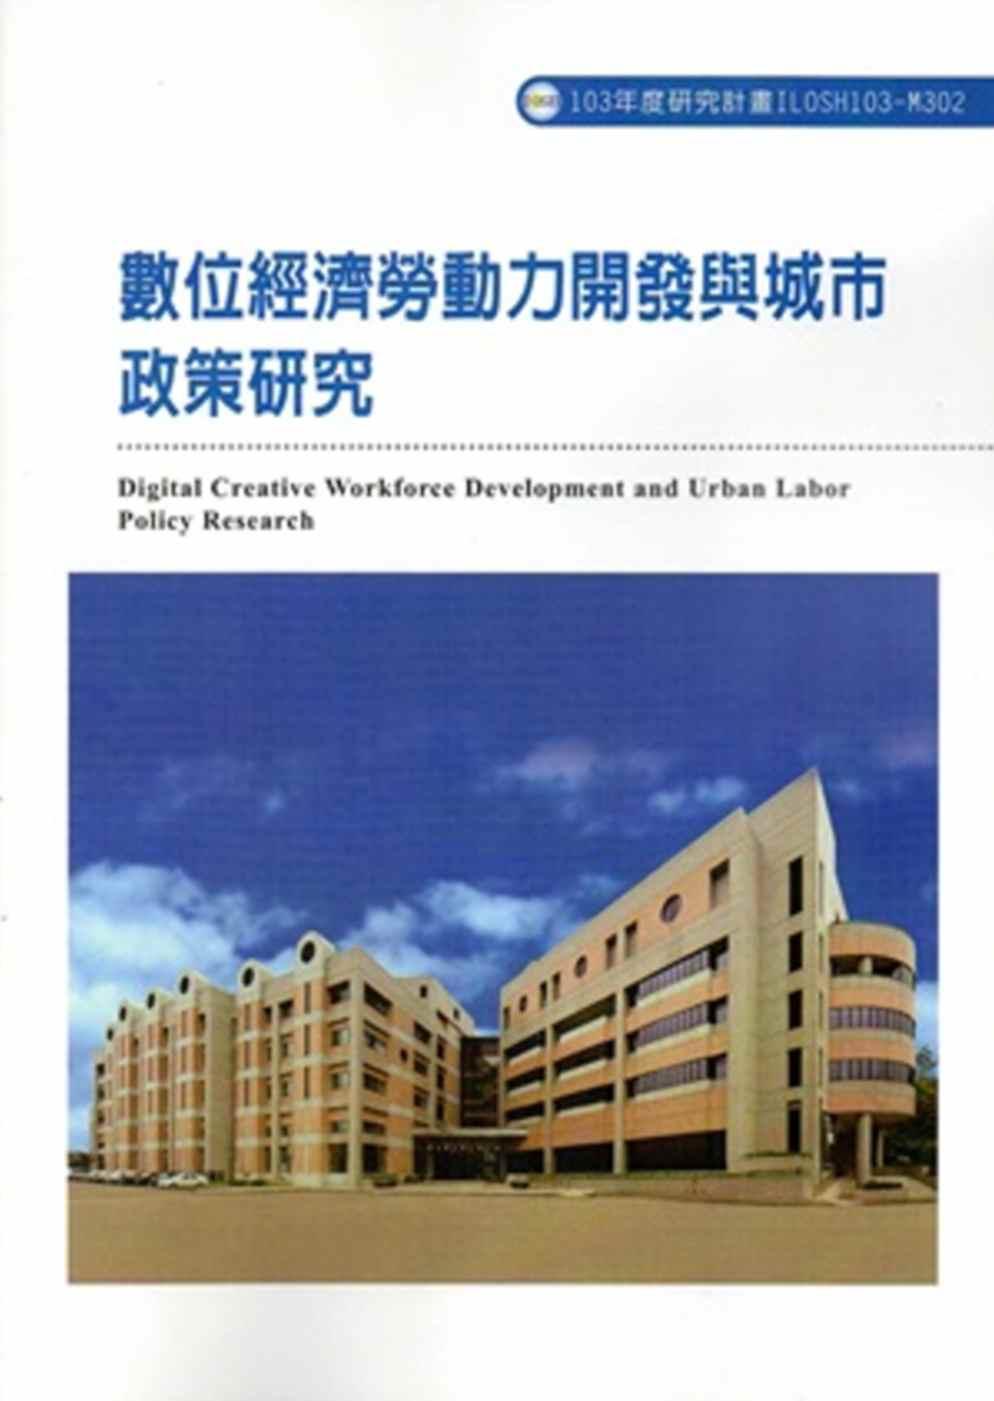 經濟勞動力開發與城市政策研究ILOSH103~M302